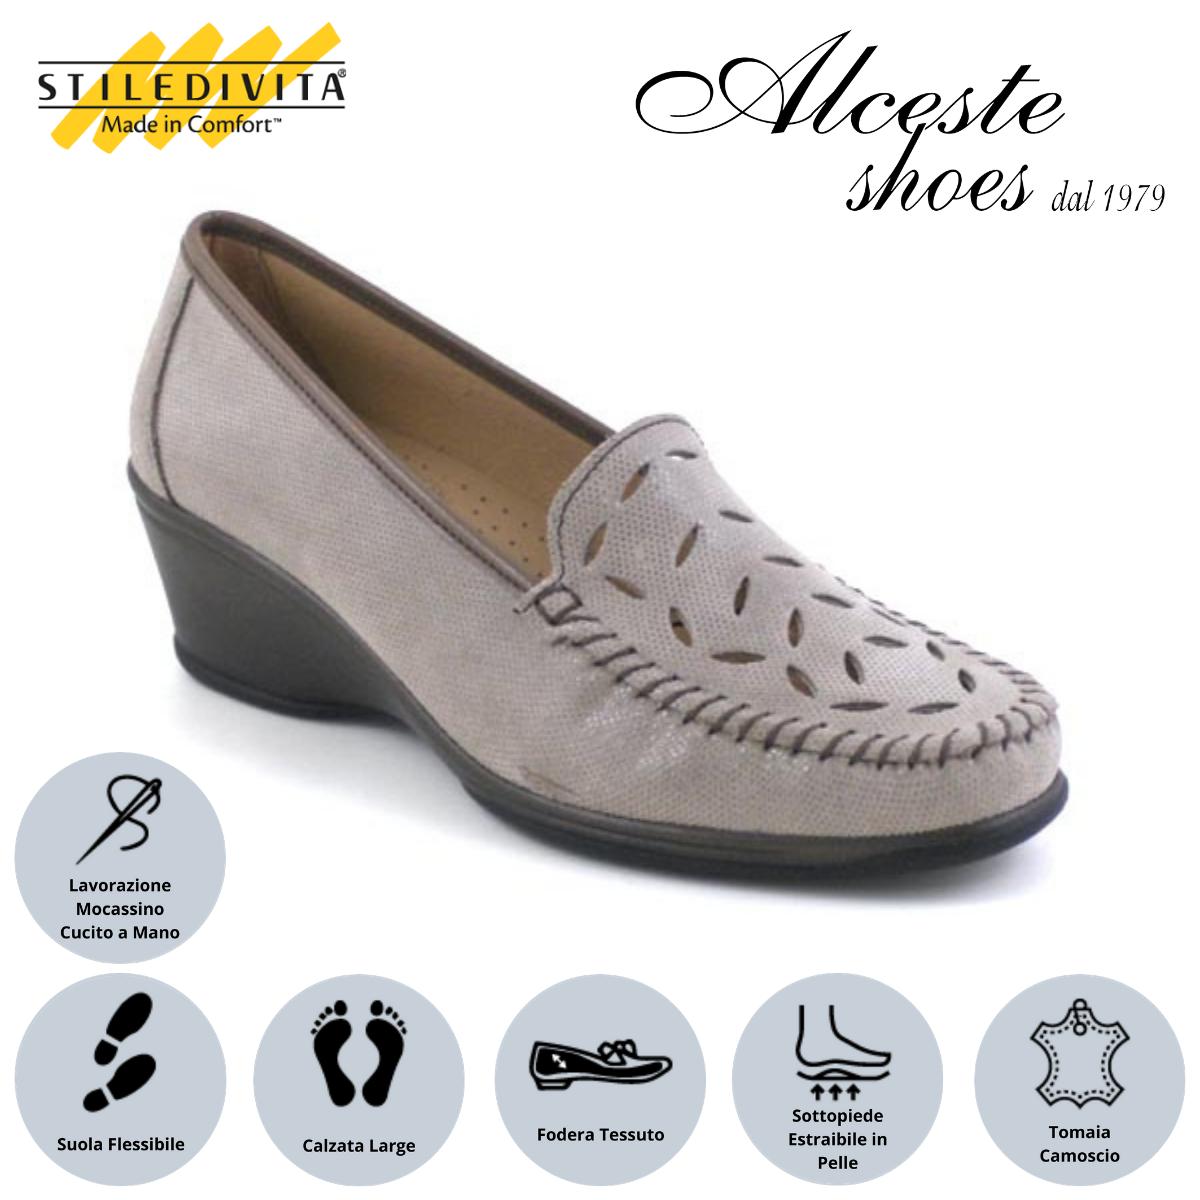 Mocassino Traforato Stiledivita Art. 2931 Camoscio Stampato Taupe Alceste Shoes 11 1